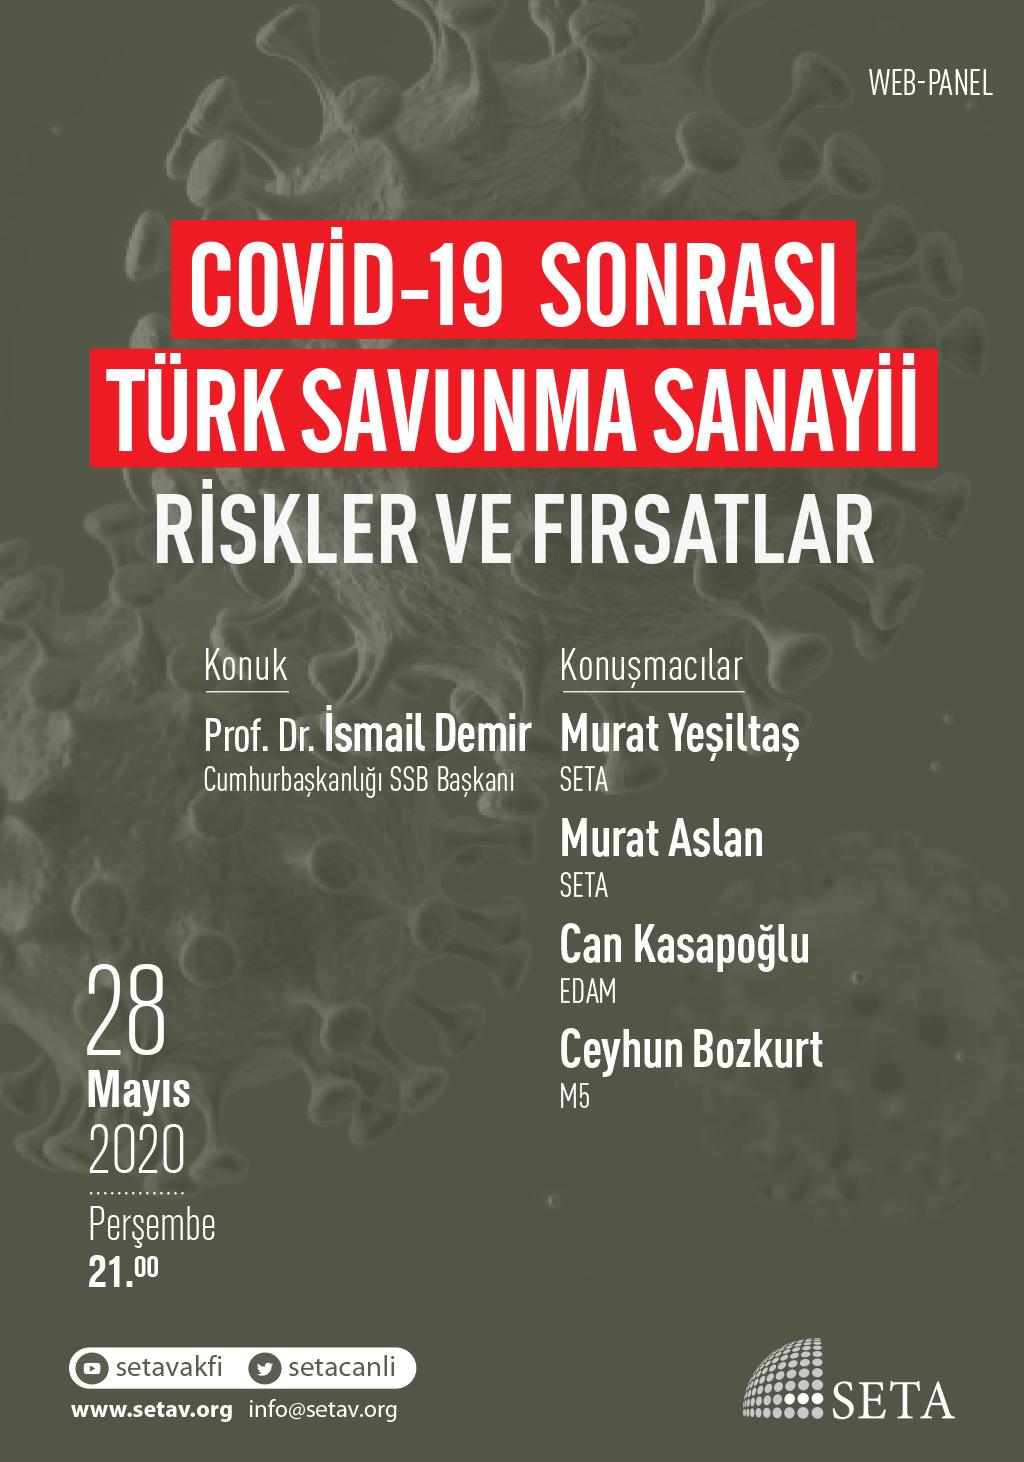 Web Panel: COVID-19 Sonrası Türk Savunma Sanayii   Riskler ve Fırsatlar